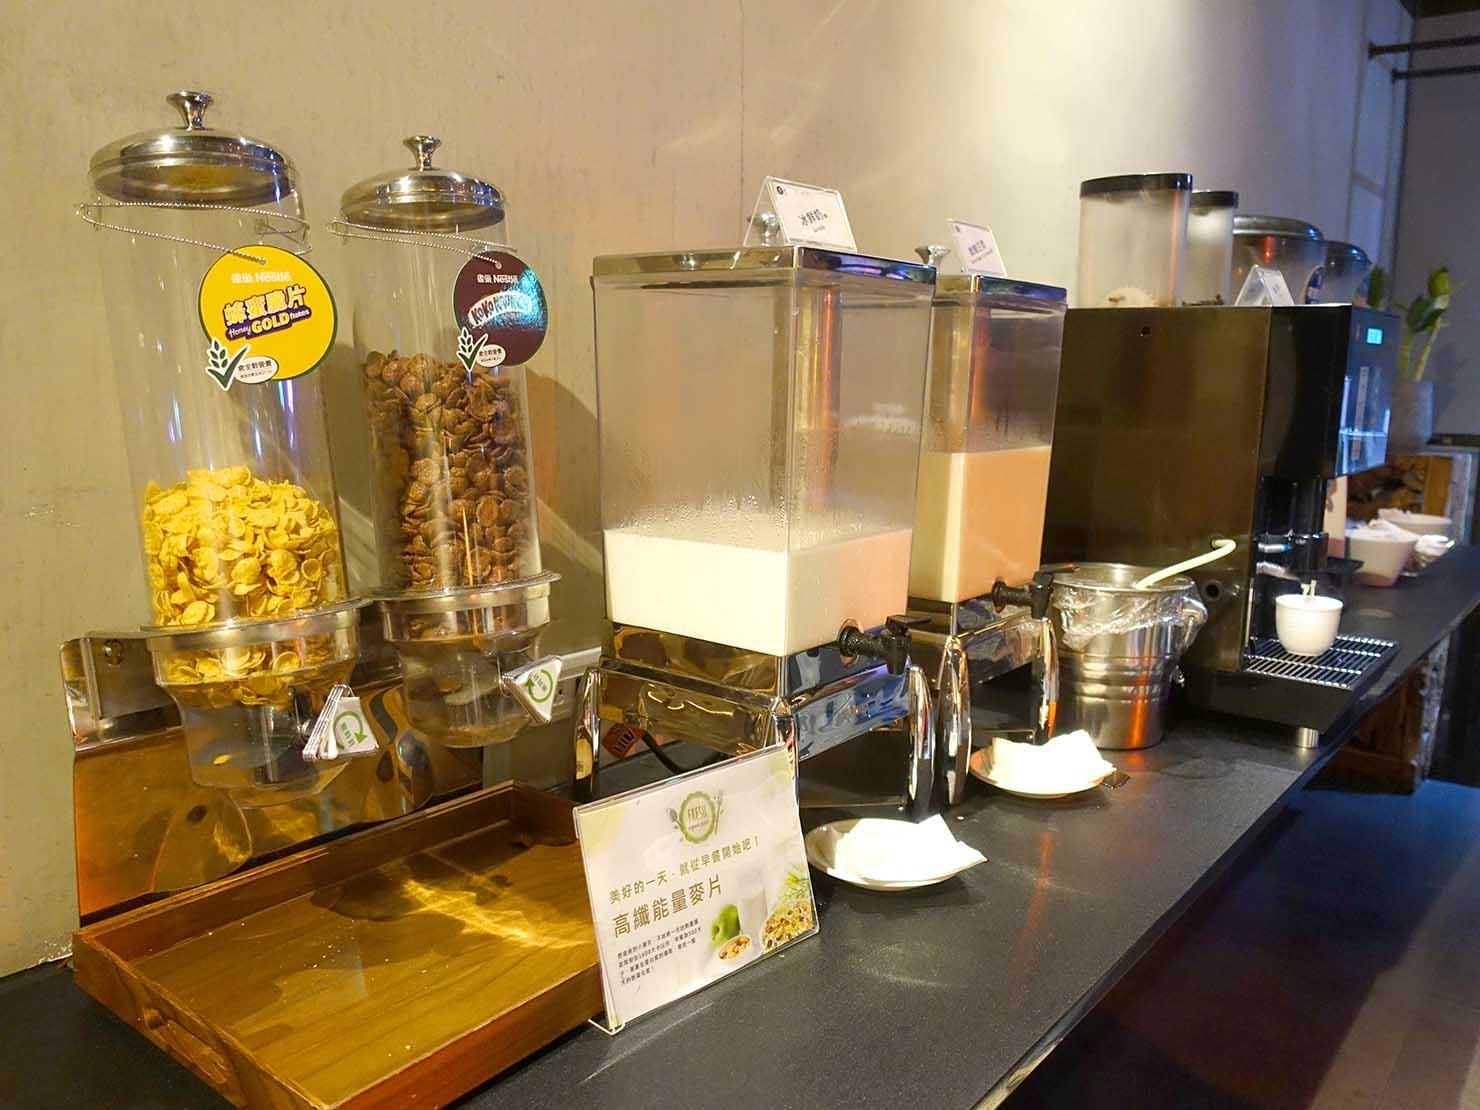 嘉義のおすすめホテル「嘉義觀止」B1F觀止餐廳でいただく朝食ビュッフェのコーンフレーク